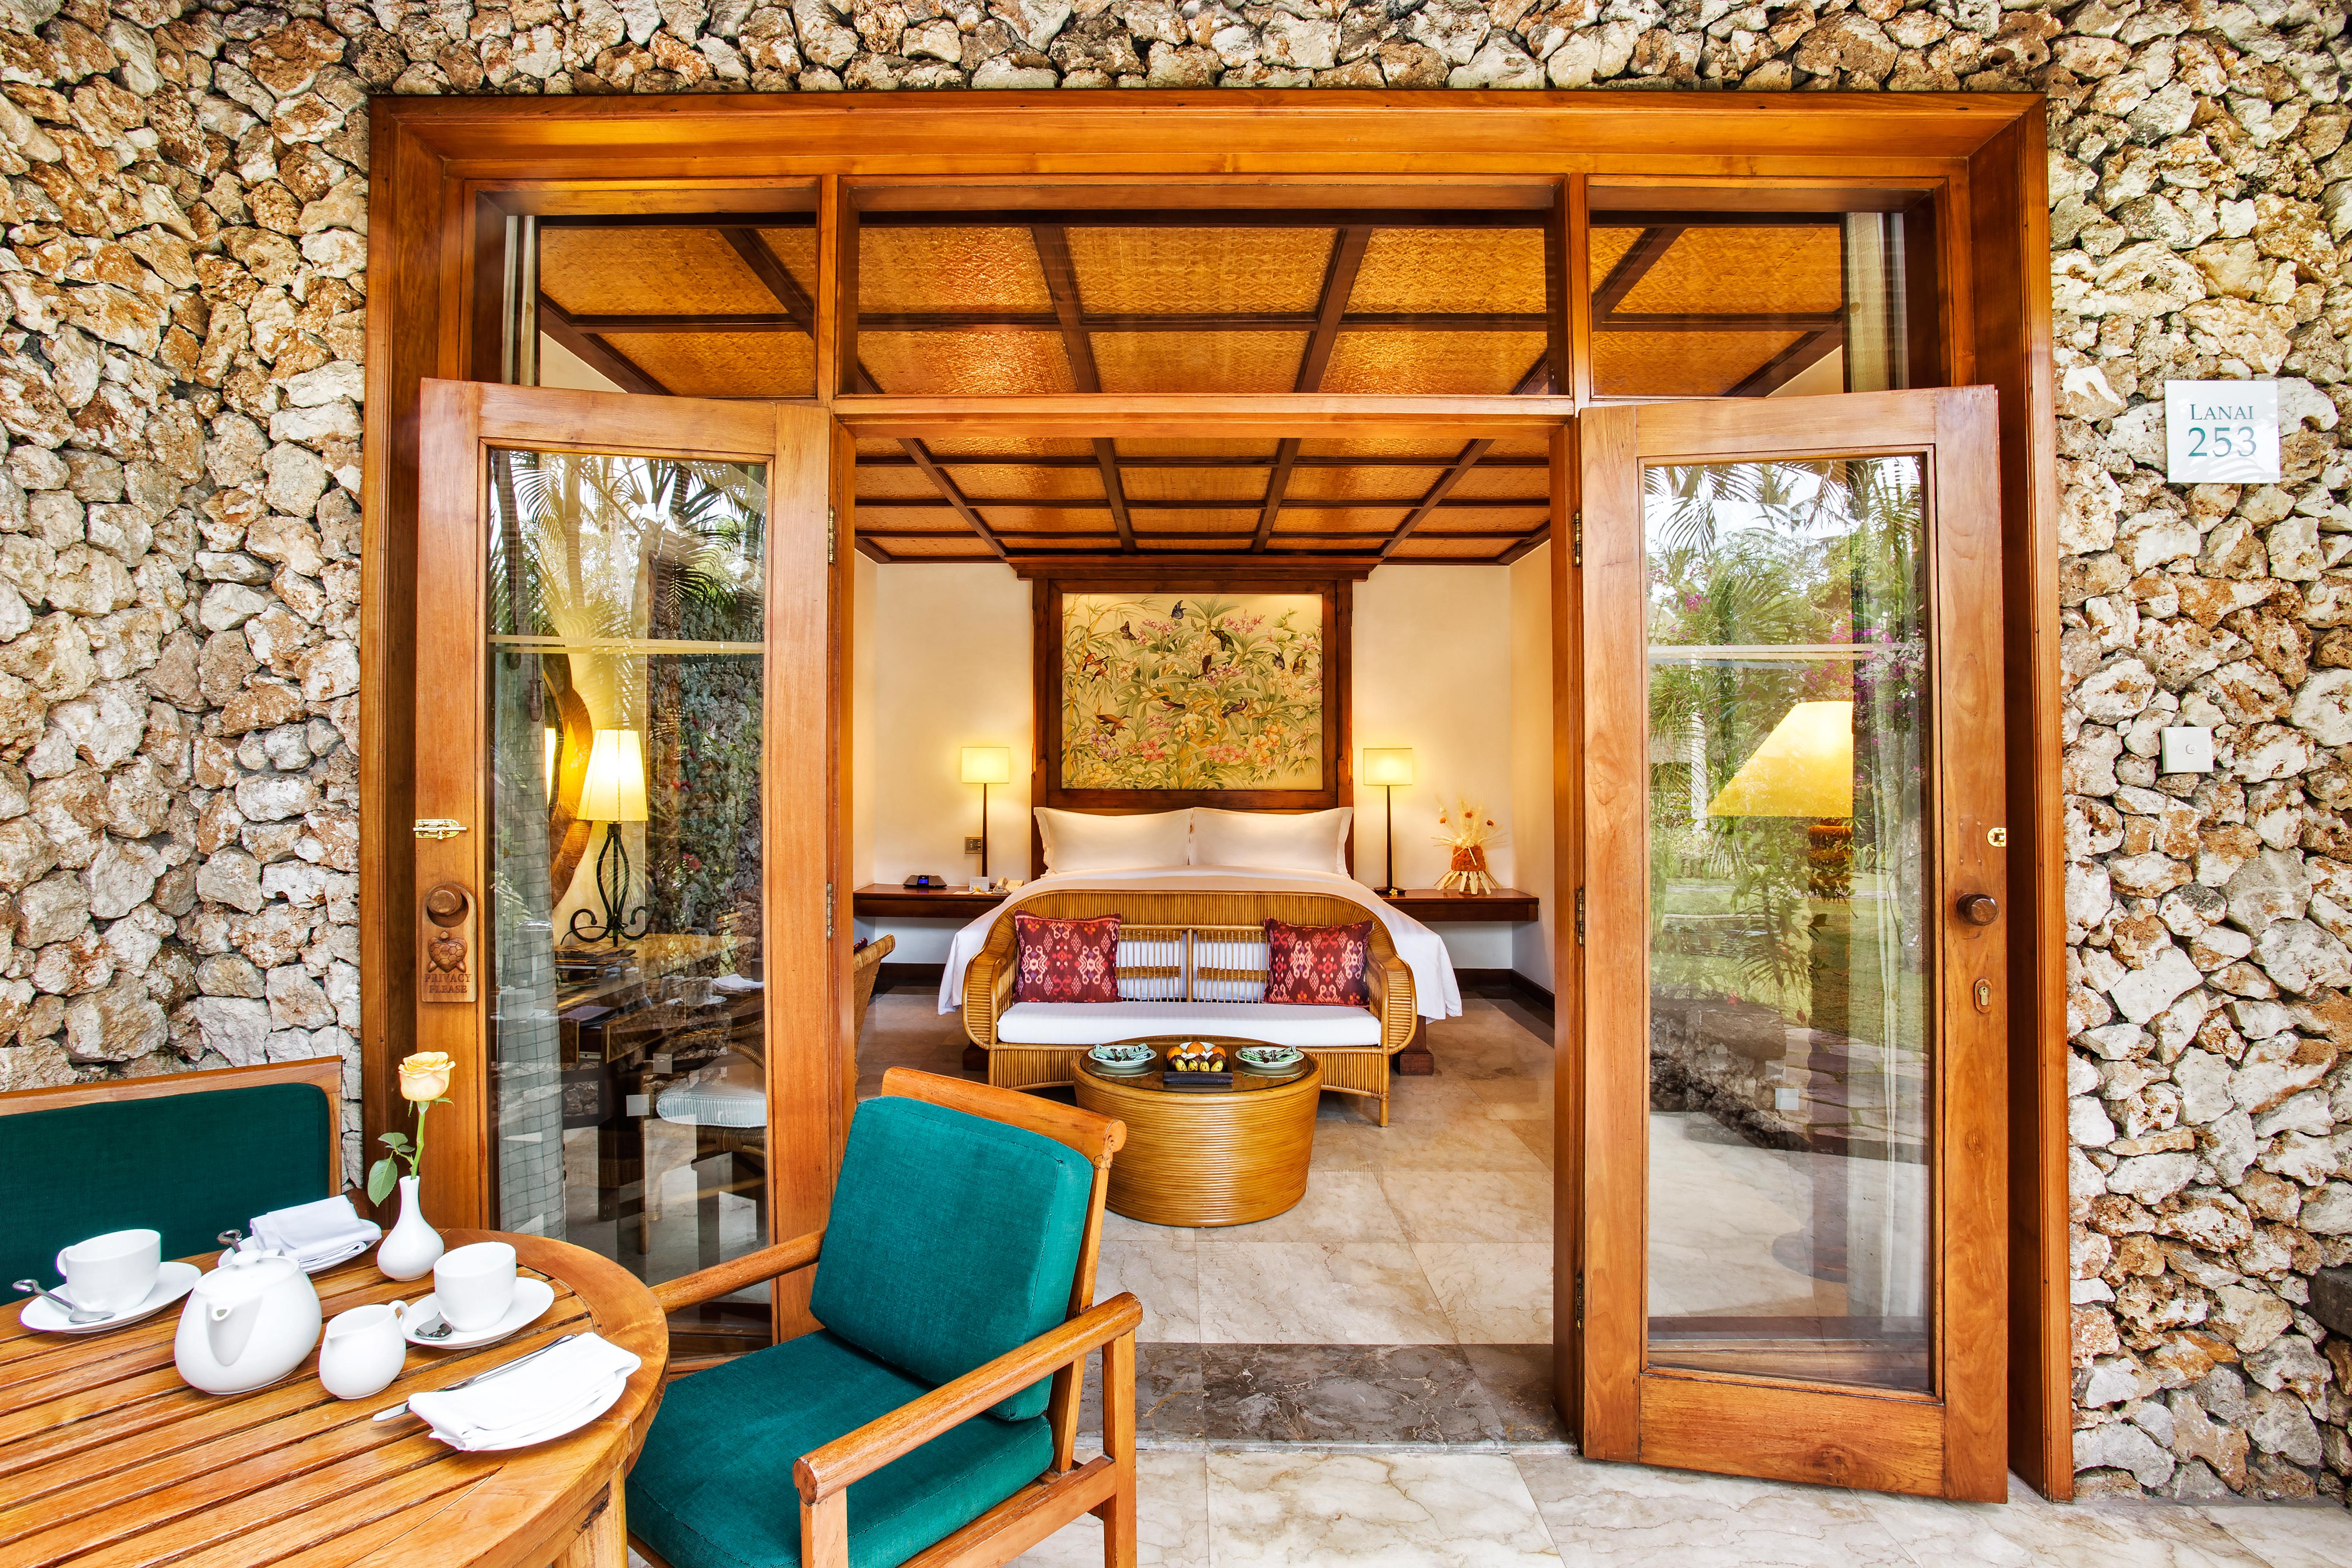 Oberoi Lanai Room